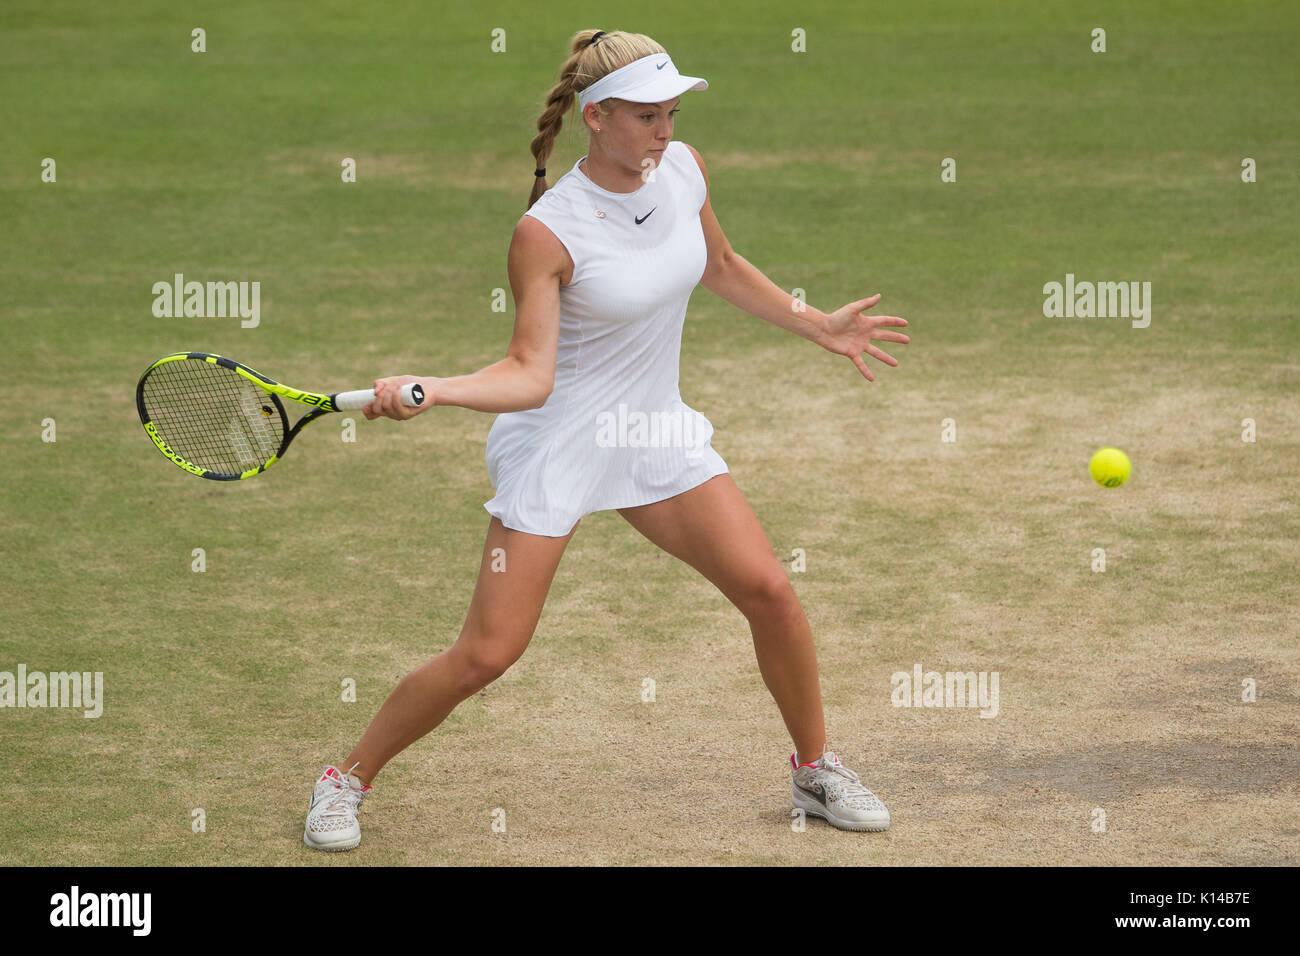 Katie Swan de GB en el Girl's singles - campeonatos de Wimbledon 2017 Foto de stock